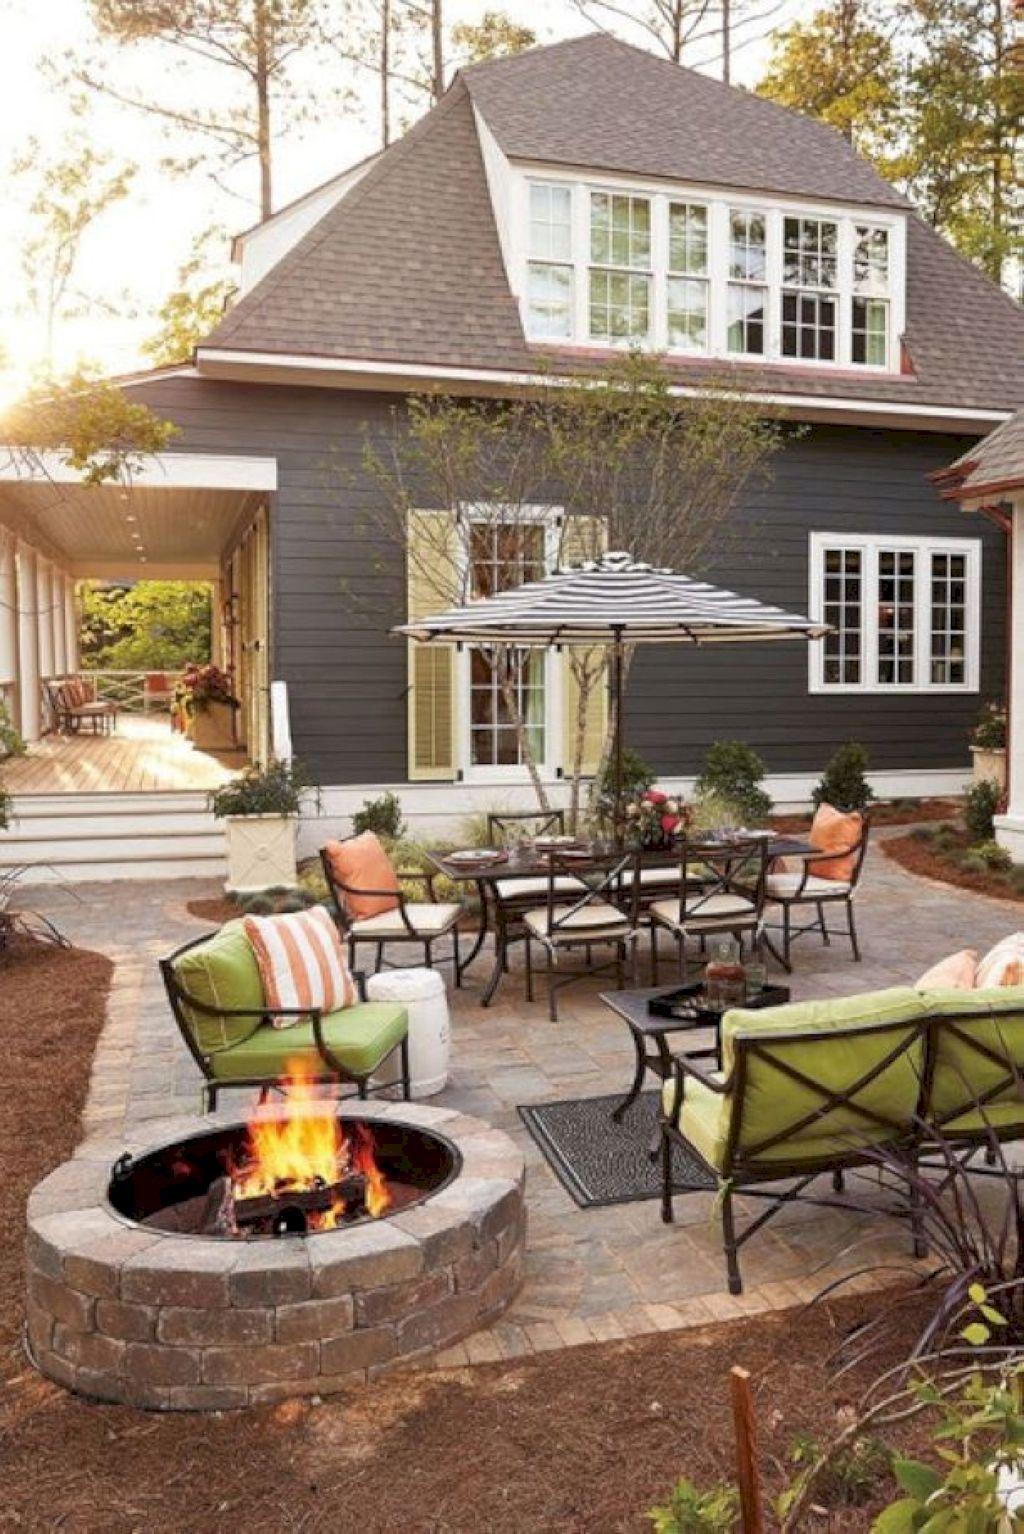 48 fresh and beauty backyard patio ideas decoraciones for Decoraciones para patios casas